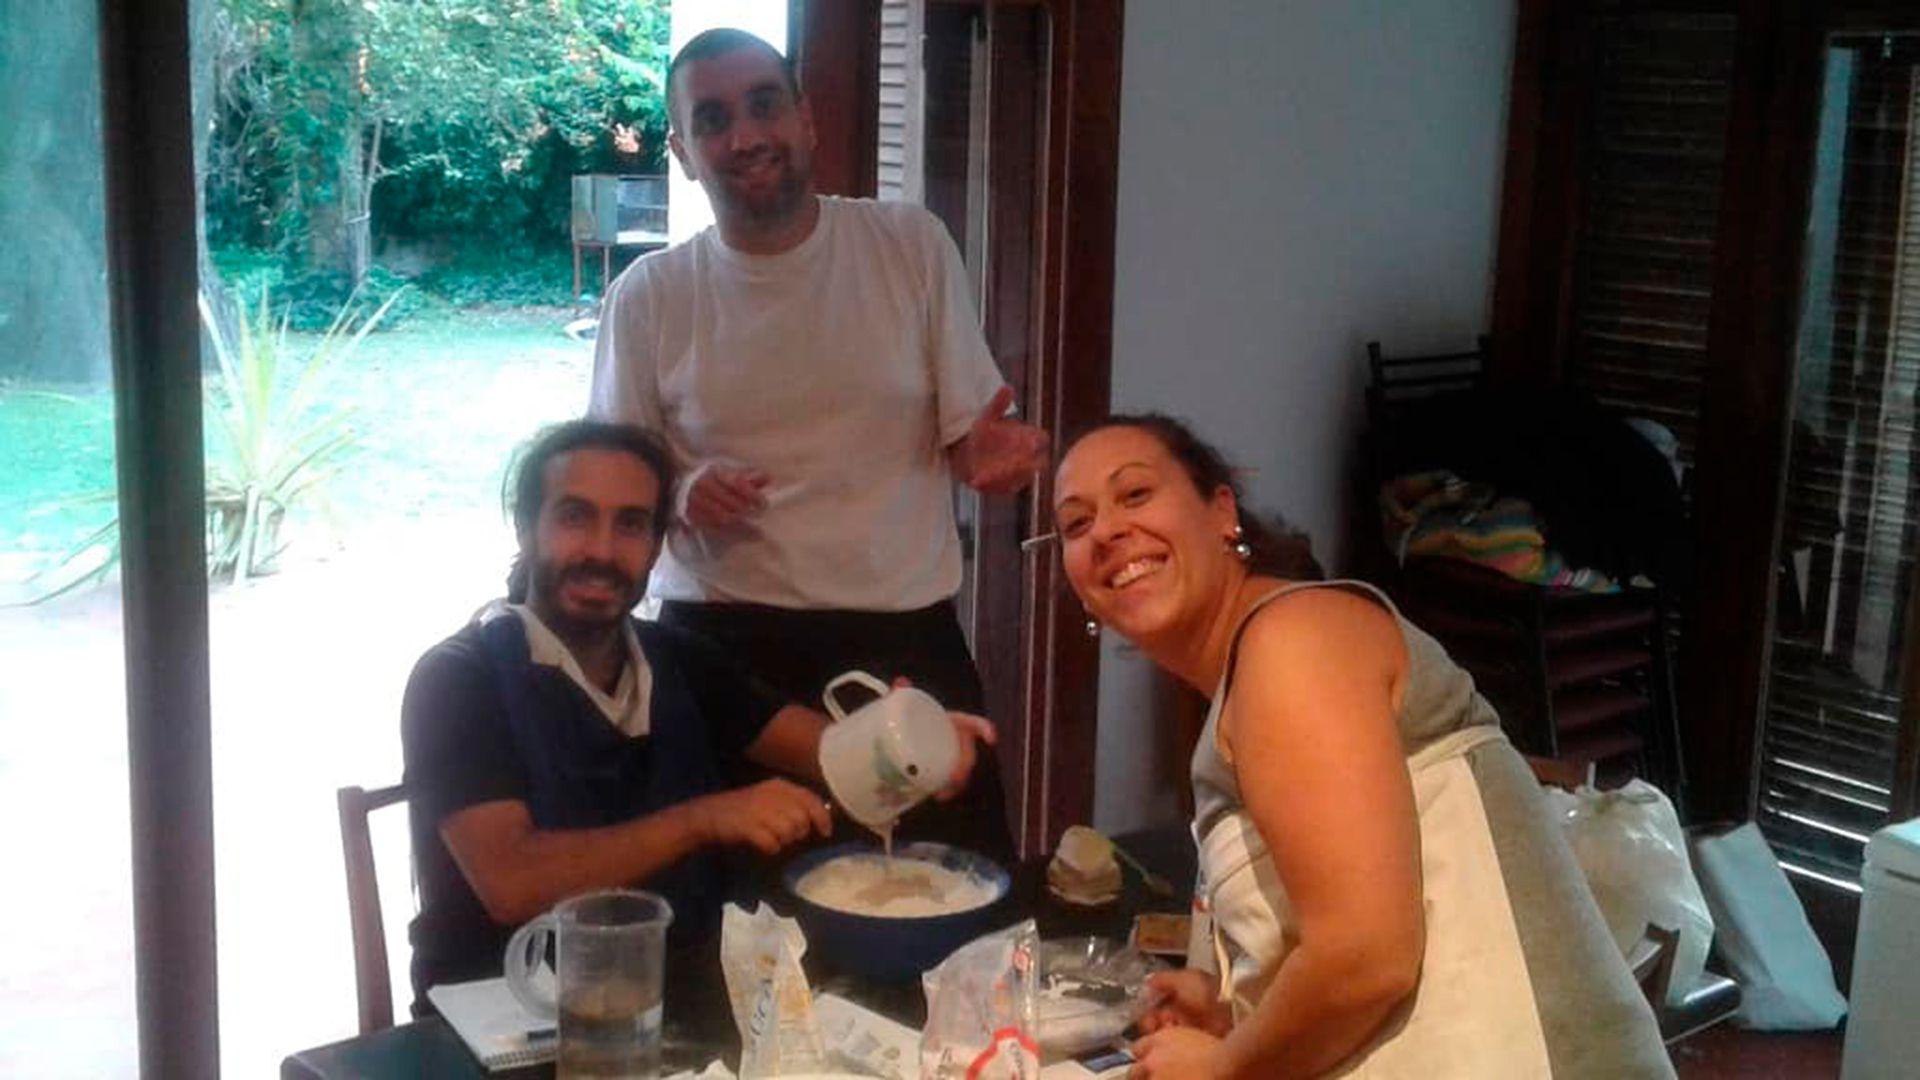 Cecilia y Juan Pablo vivieron muchos años en la monogamia hasta que decidieron abrir su relación. Dan charlas, talleres y crearon la web relacionesabiertas.org.